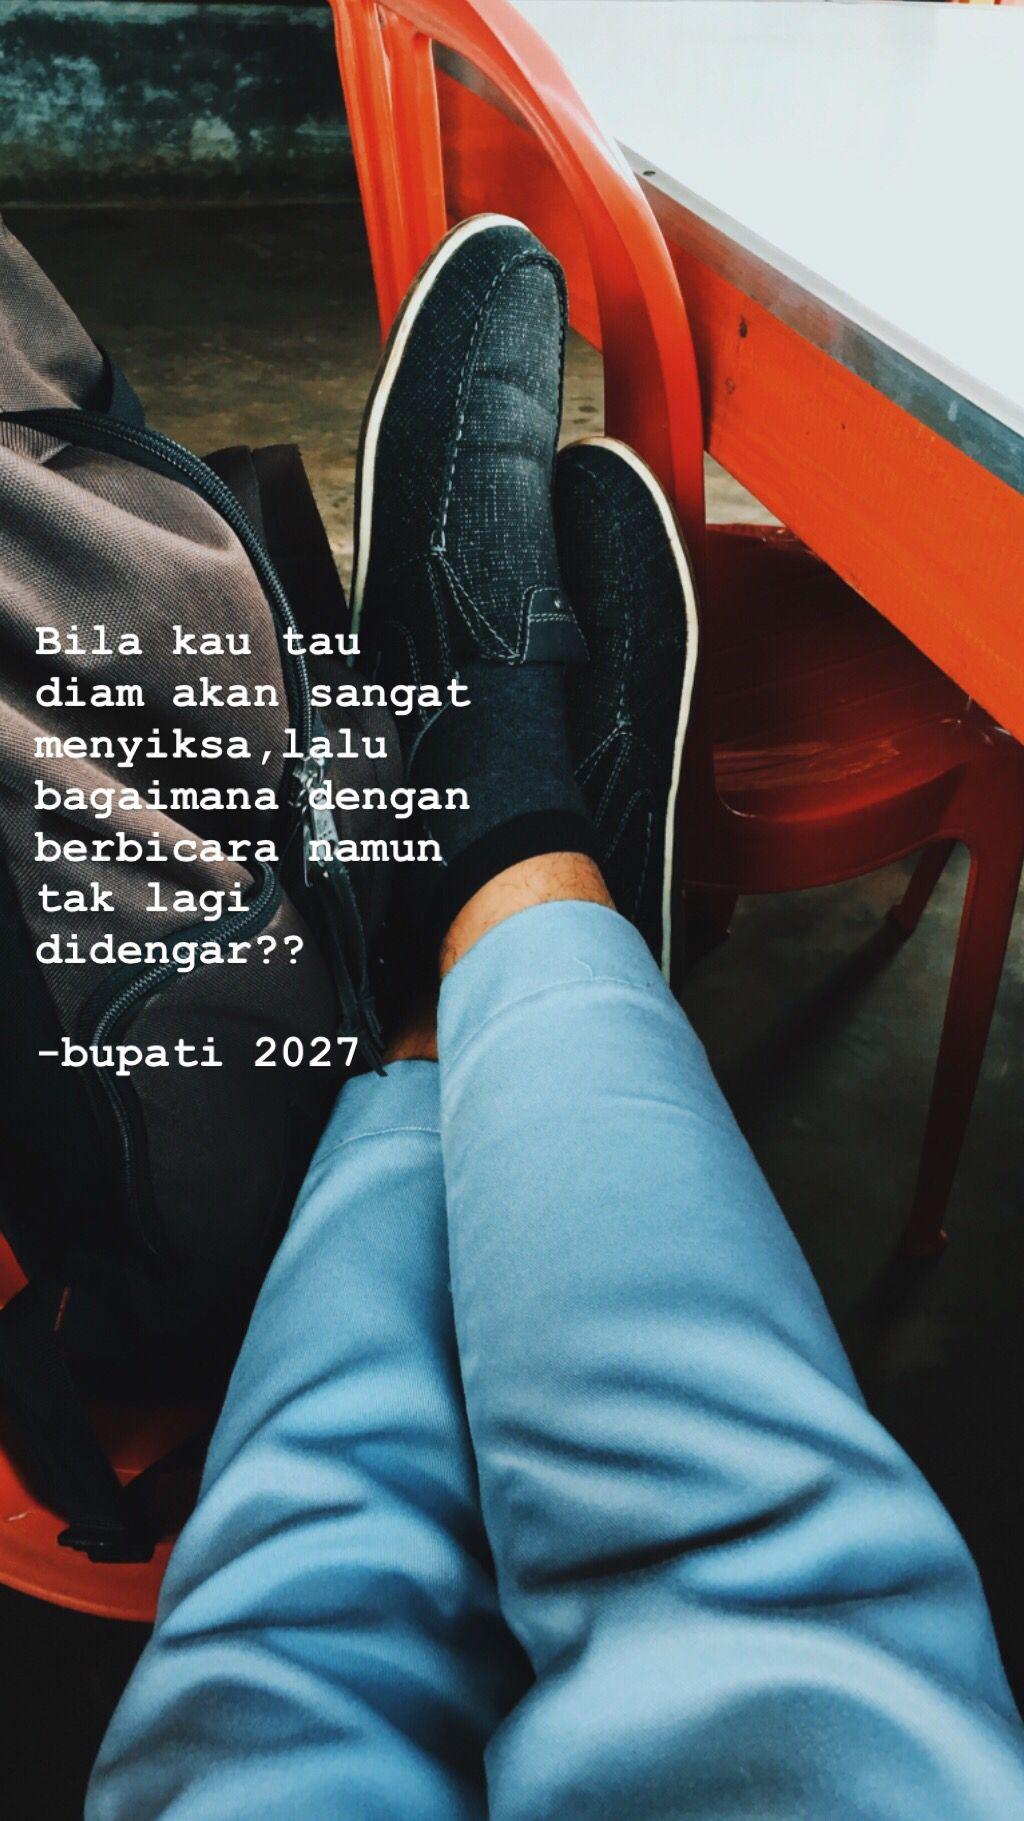 bupati 2027,quotes senja,quotes cinta,quotes keren,quotes